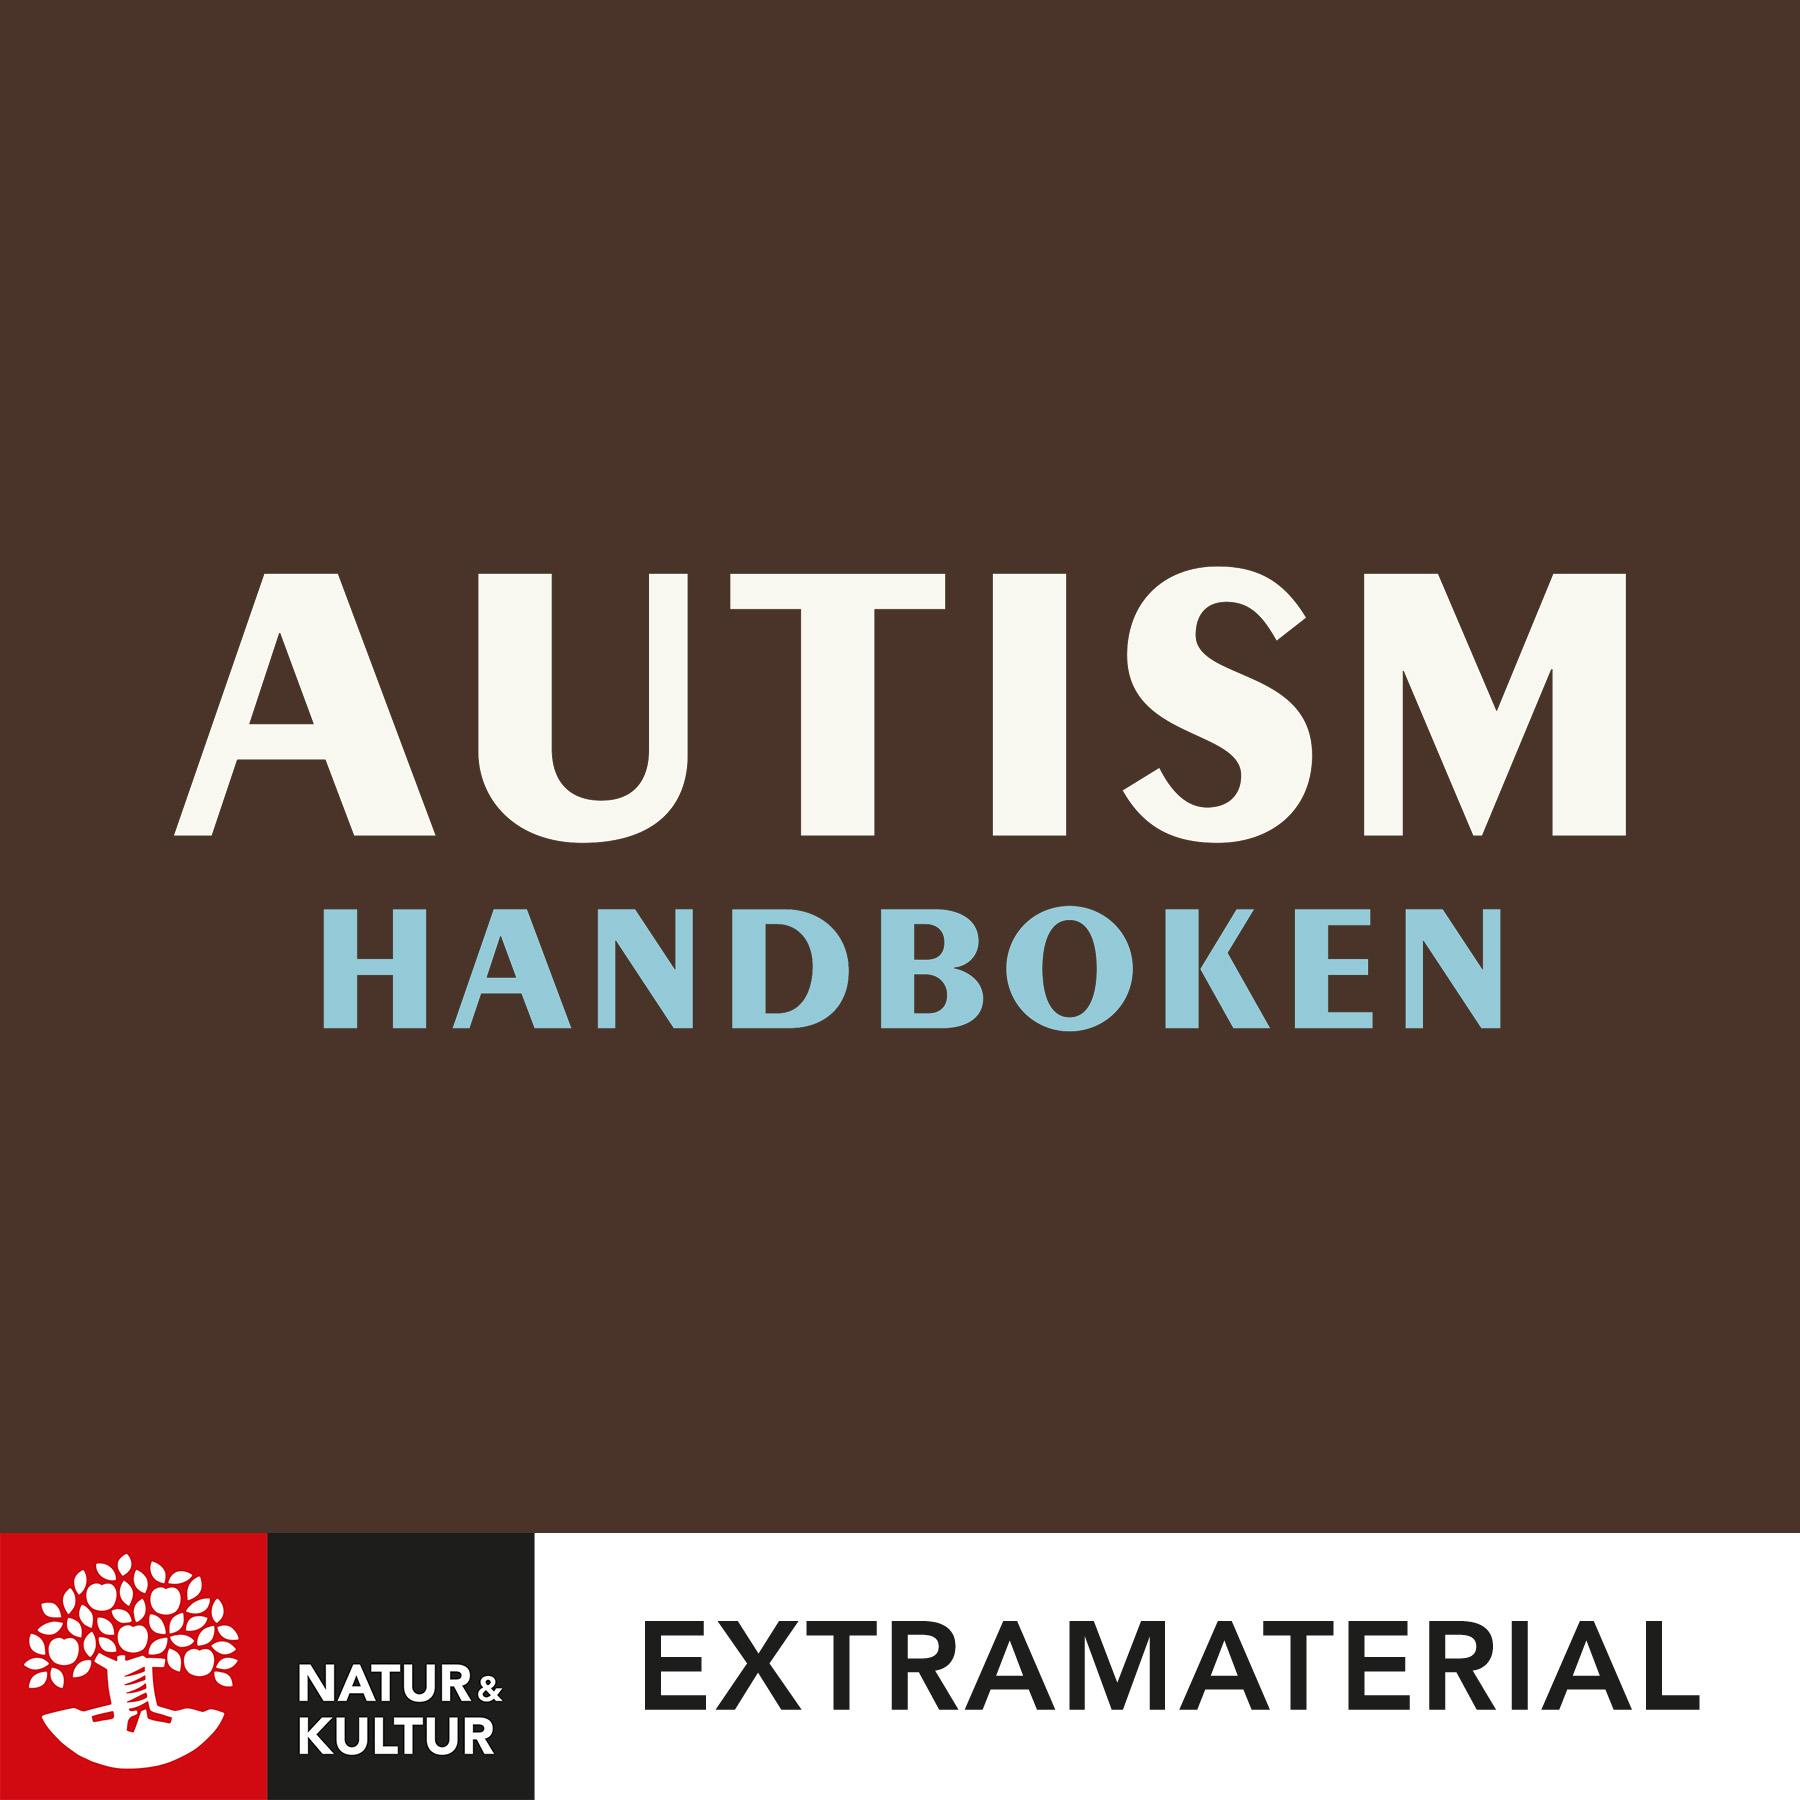 Autismhandboken